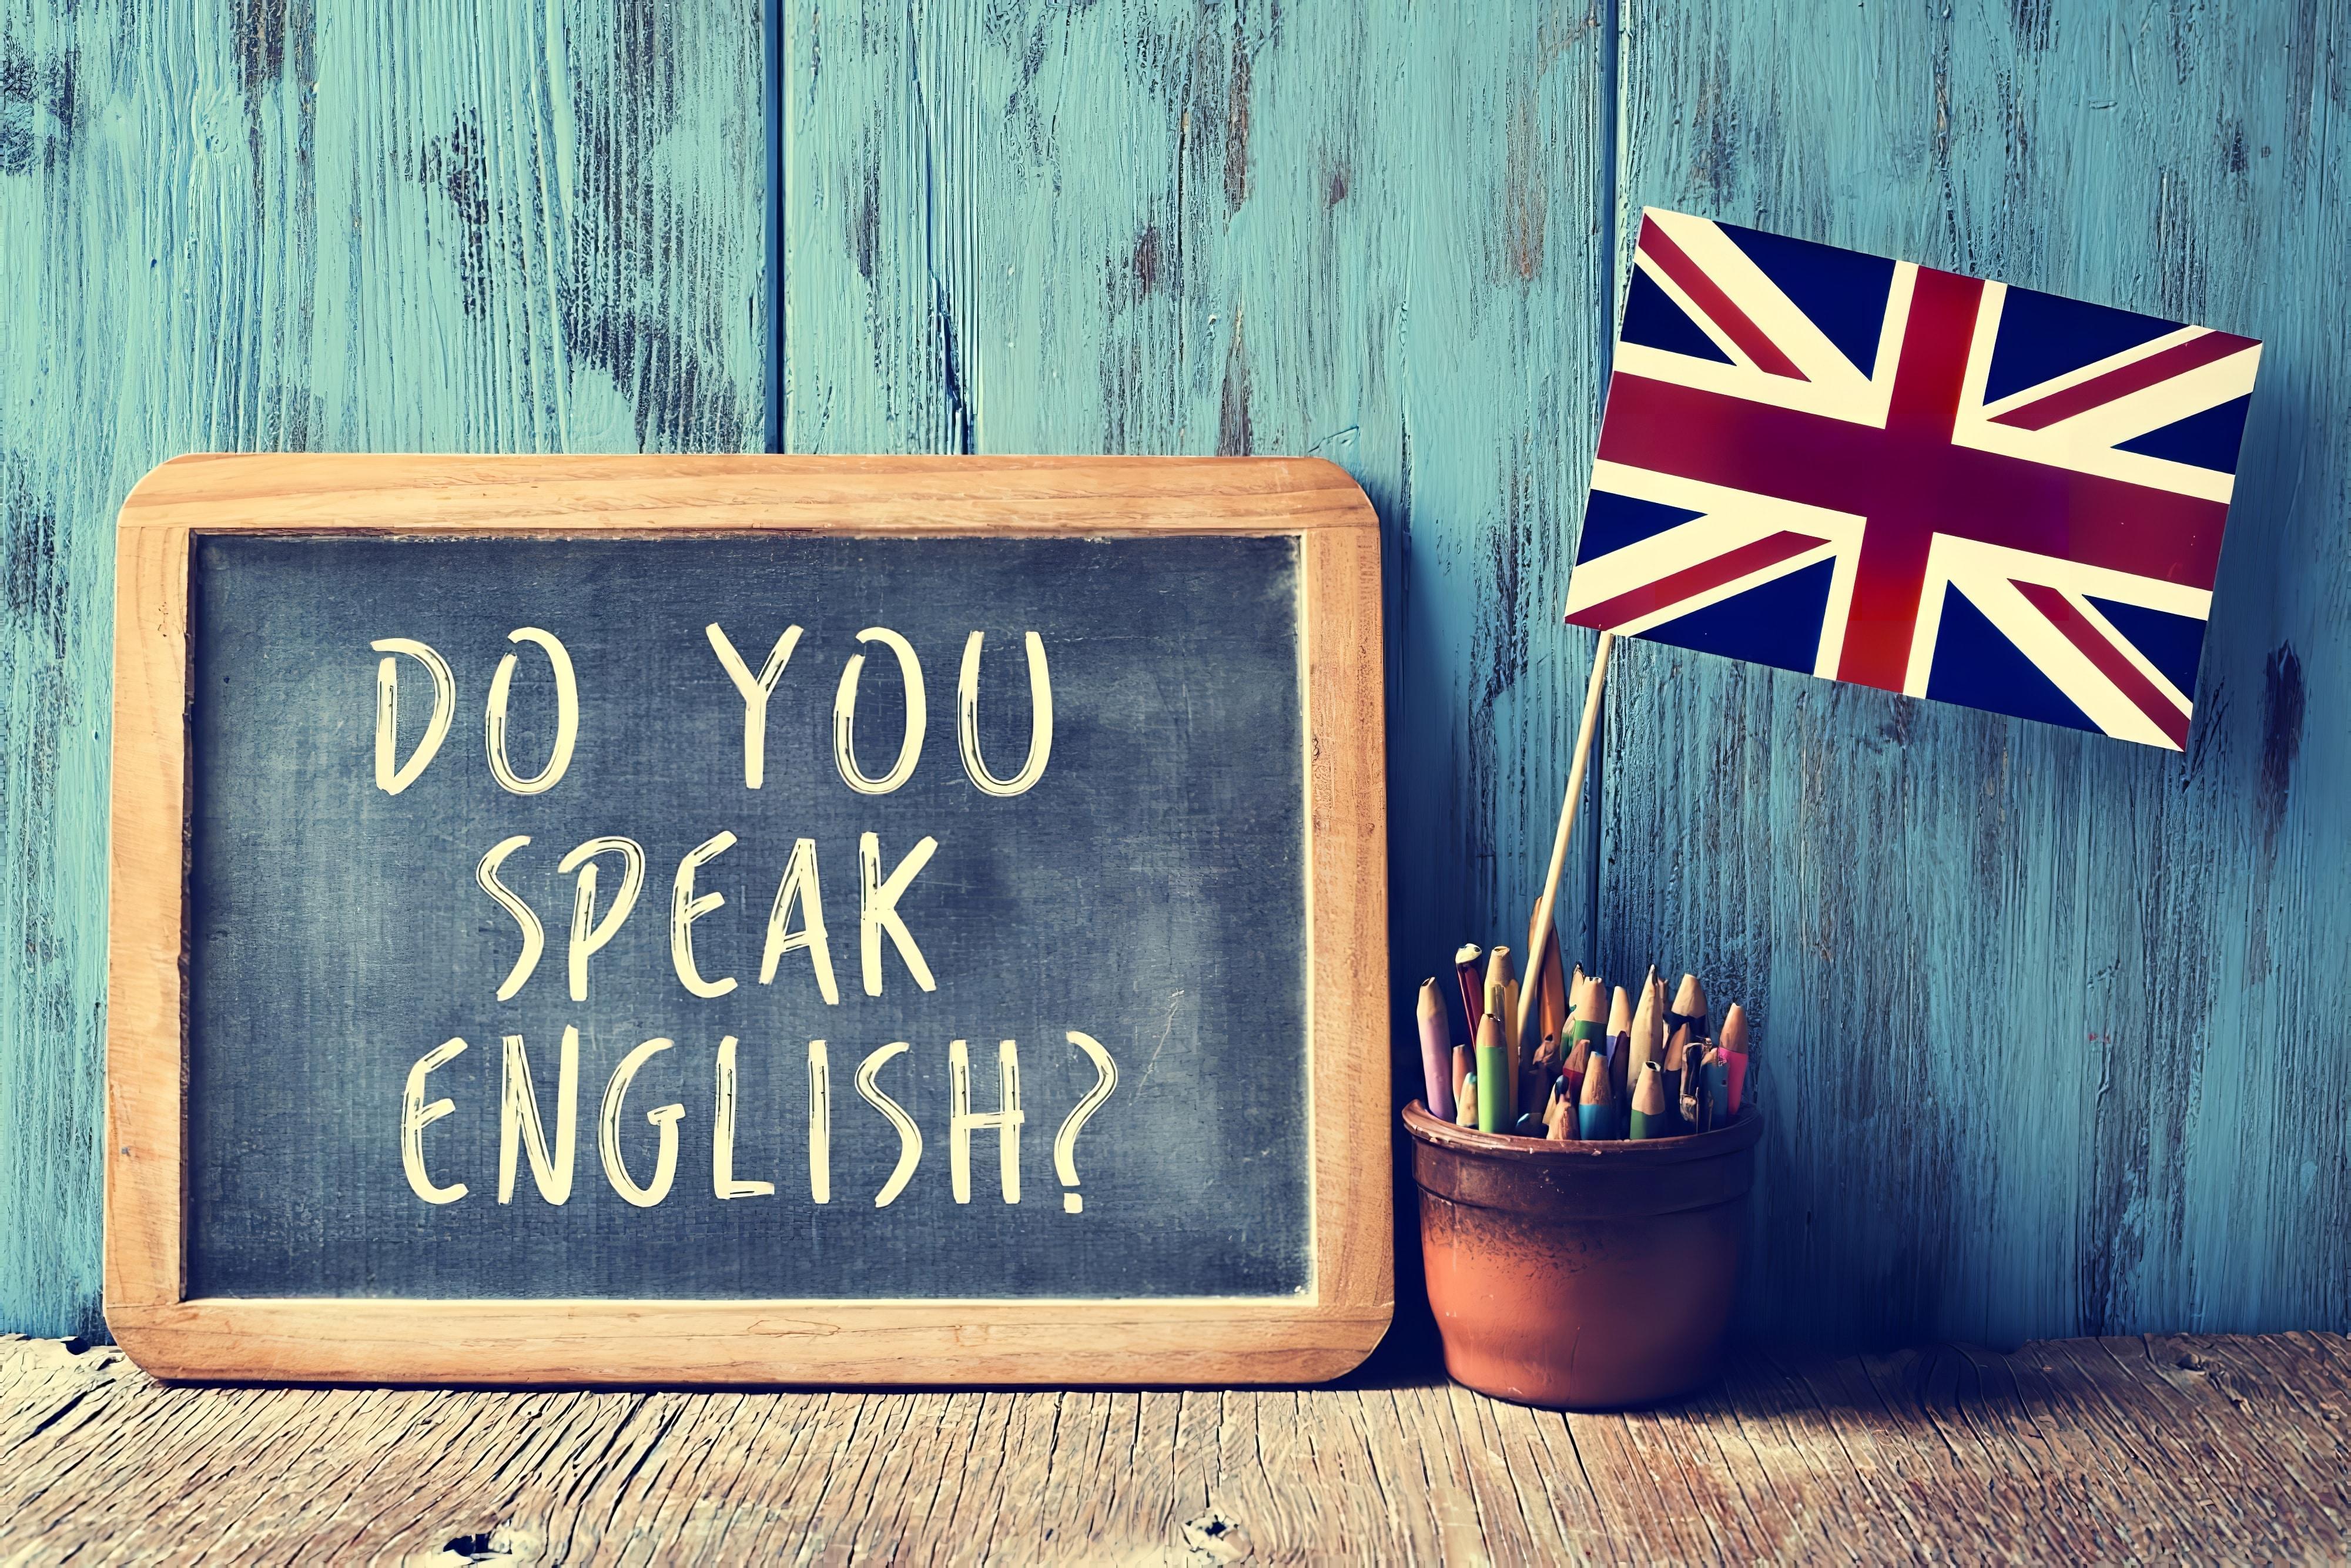 un tableau de bord avec le texte parlez-vous anglais écrit dedans, un pot avec crayons et le drapeau du Royaume-Uni, sur un bureau en bois, avec un effet filtre